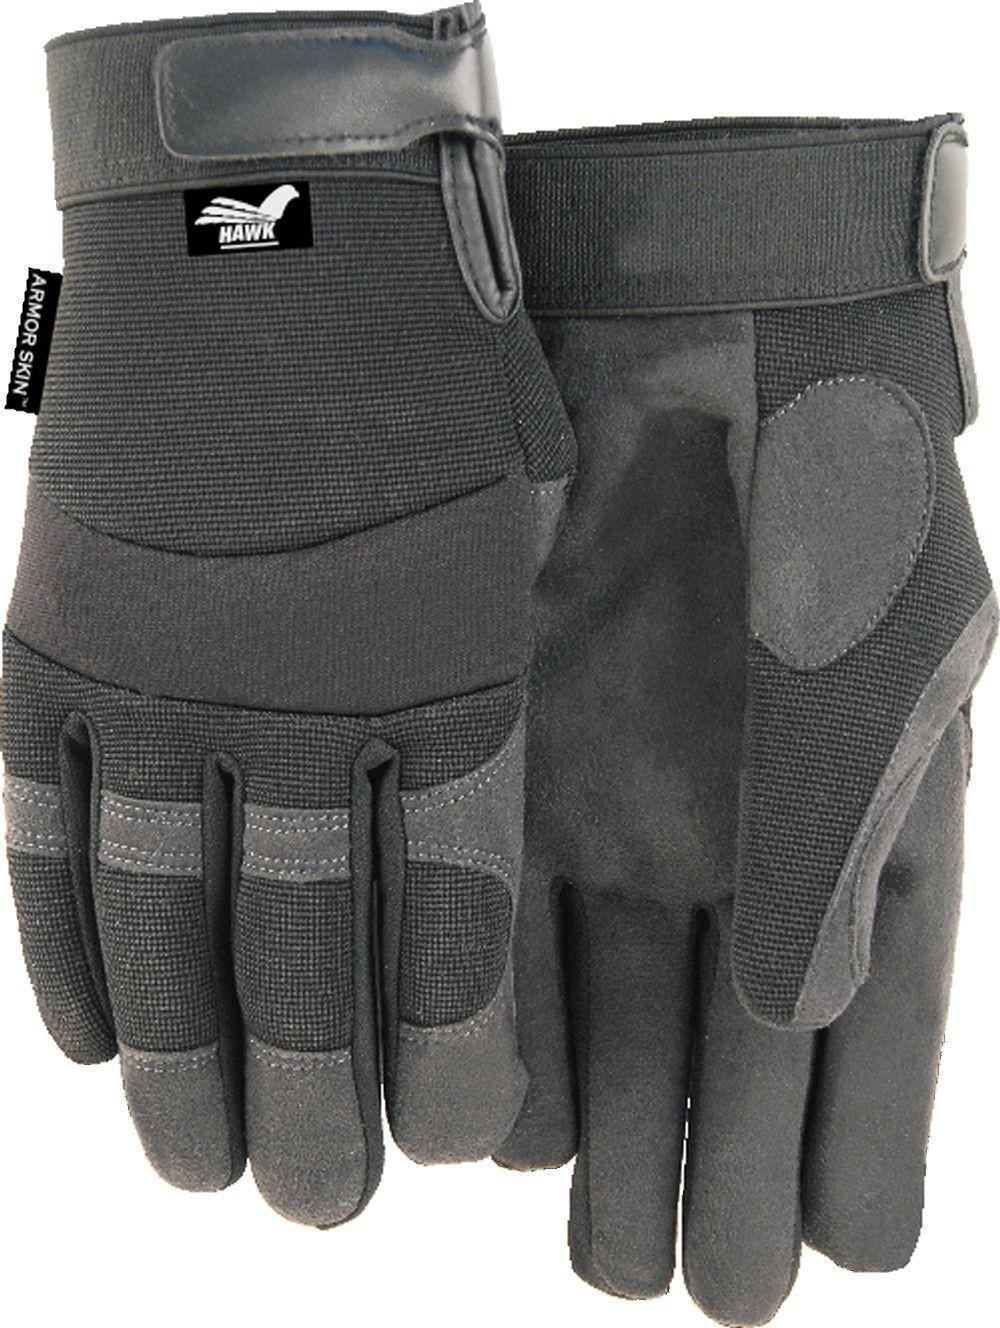 Majestic Winter Hawk 2137bkf Armor Skin Mechanic Style Gloves